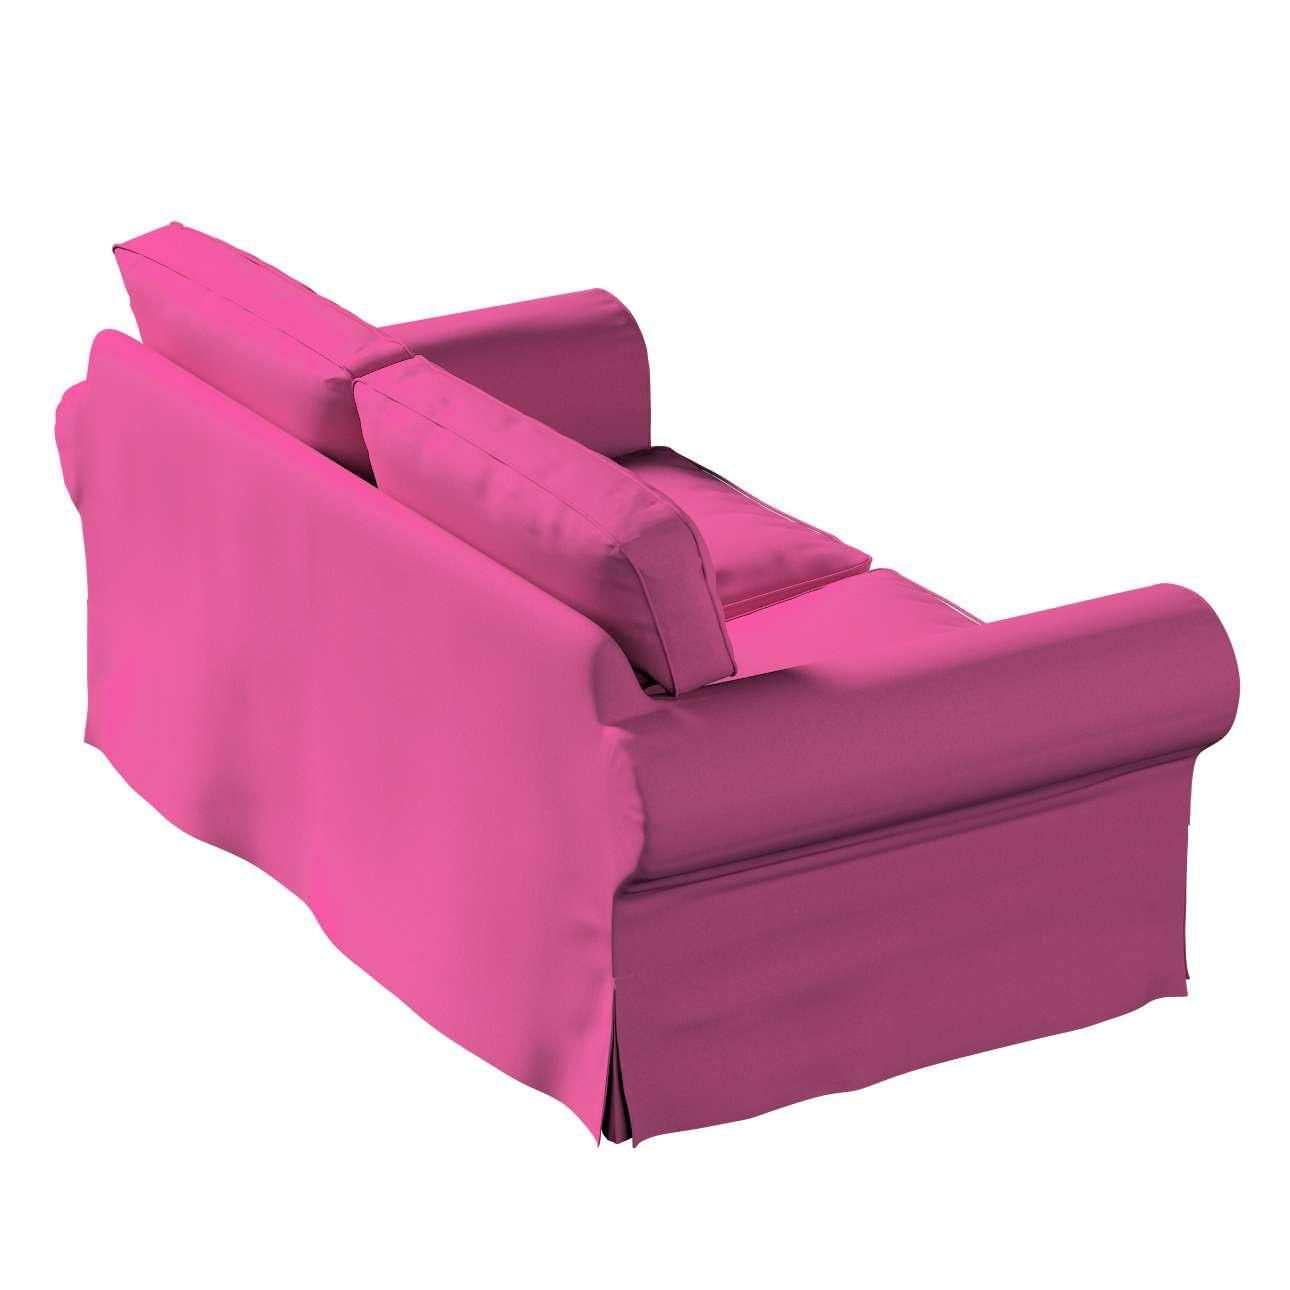 Pokrowiec na sofę Ektorp 2-osobową, nierozkładaną w kolekcji Living II, tkanina: 161-29